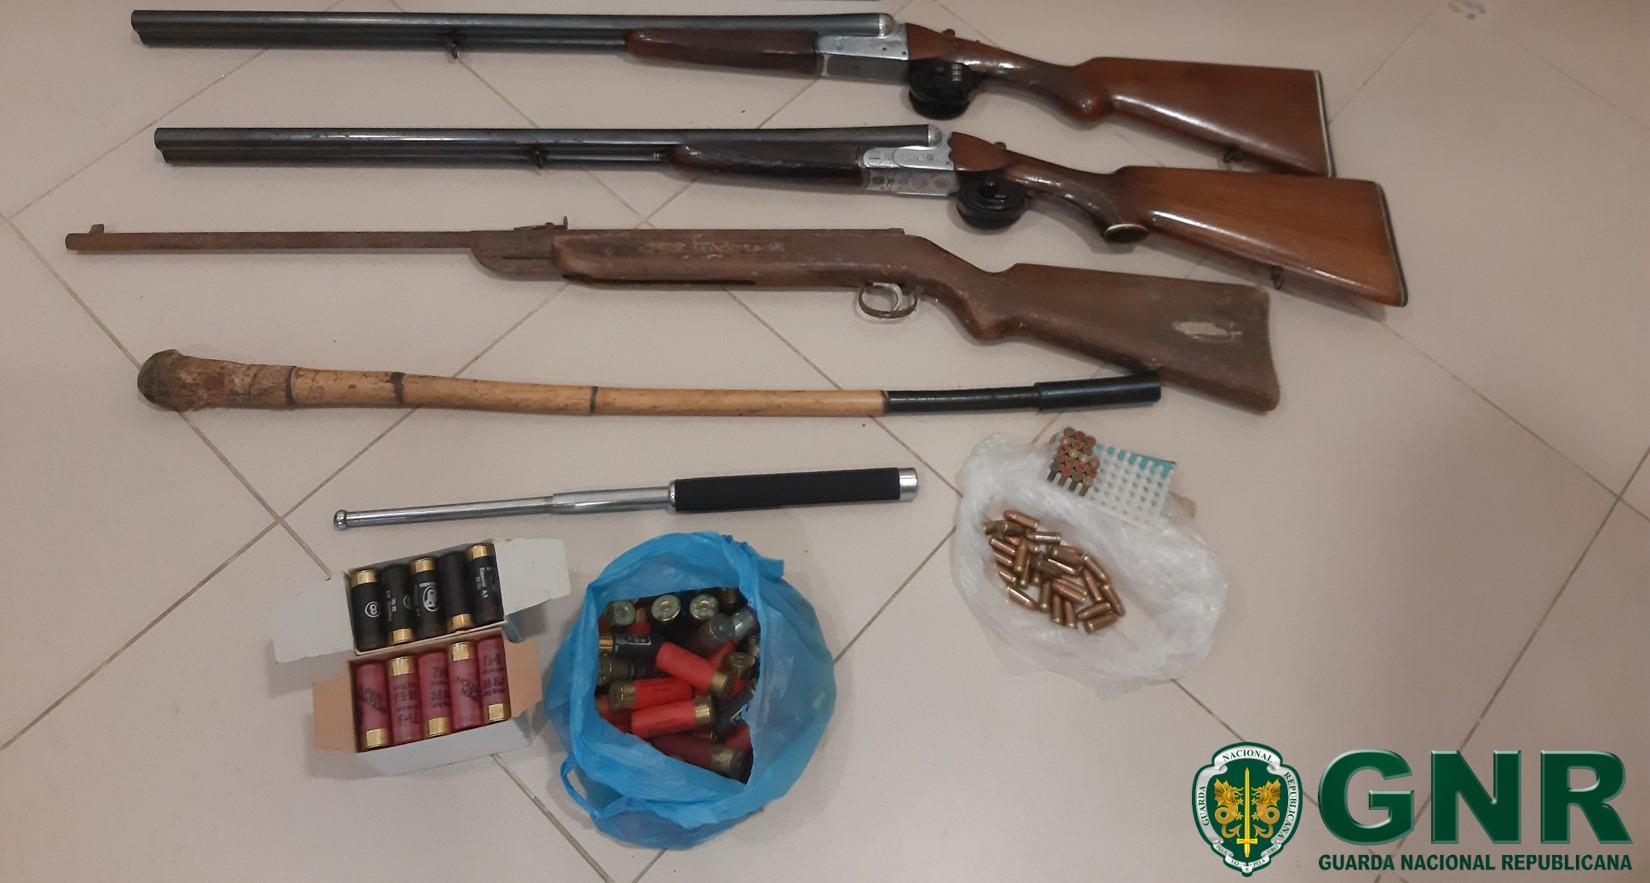 Homem detido por posse ilegal de armas em Ponte da Barca